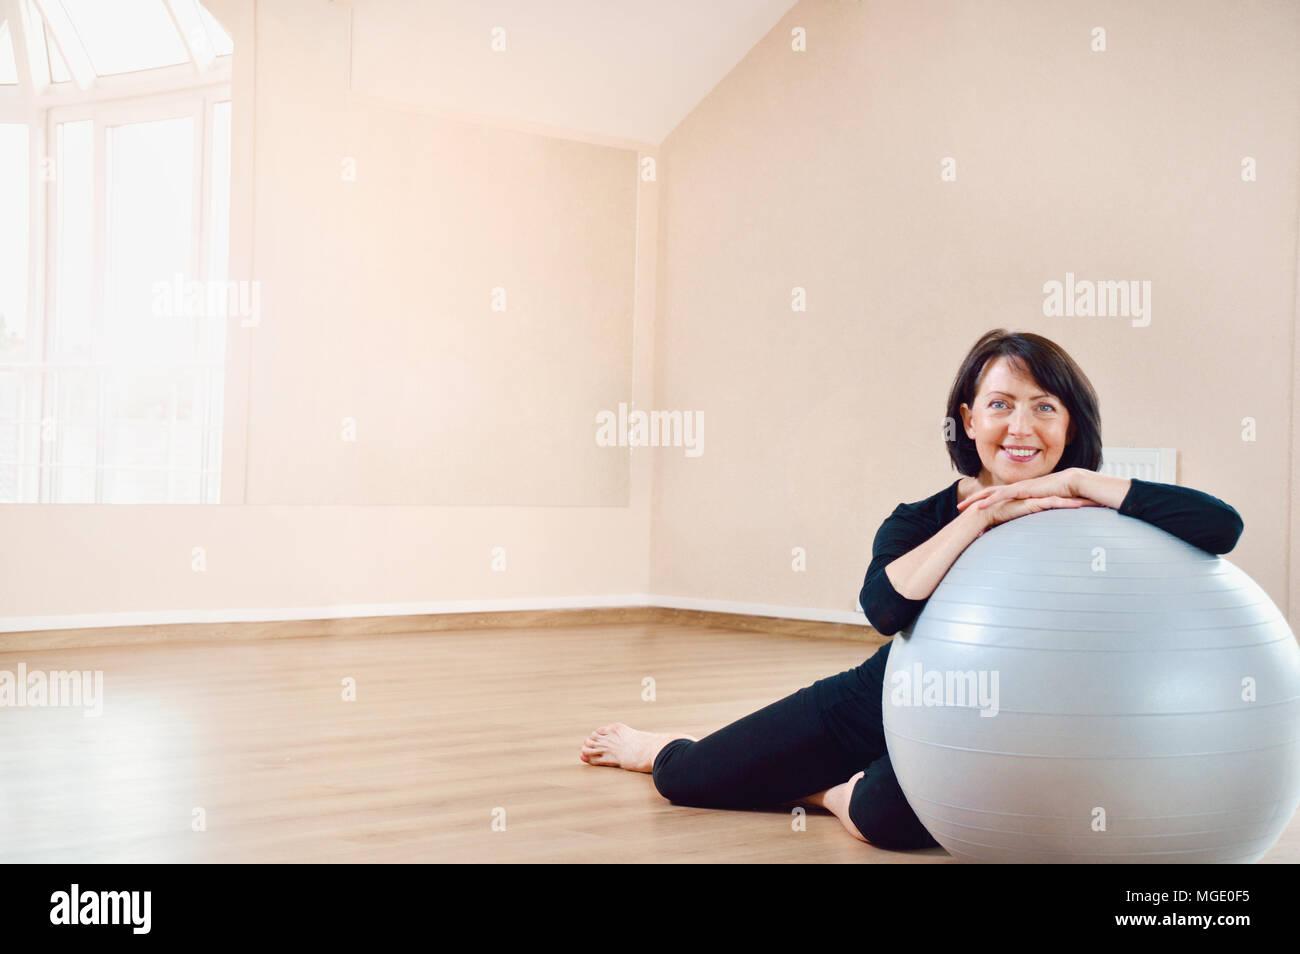 Felice senior donna riposo dopo esercizio. Montare invecchiato povera donna sul grande grigio palla ginnica. Foto Stock